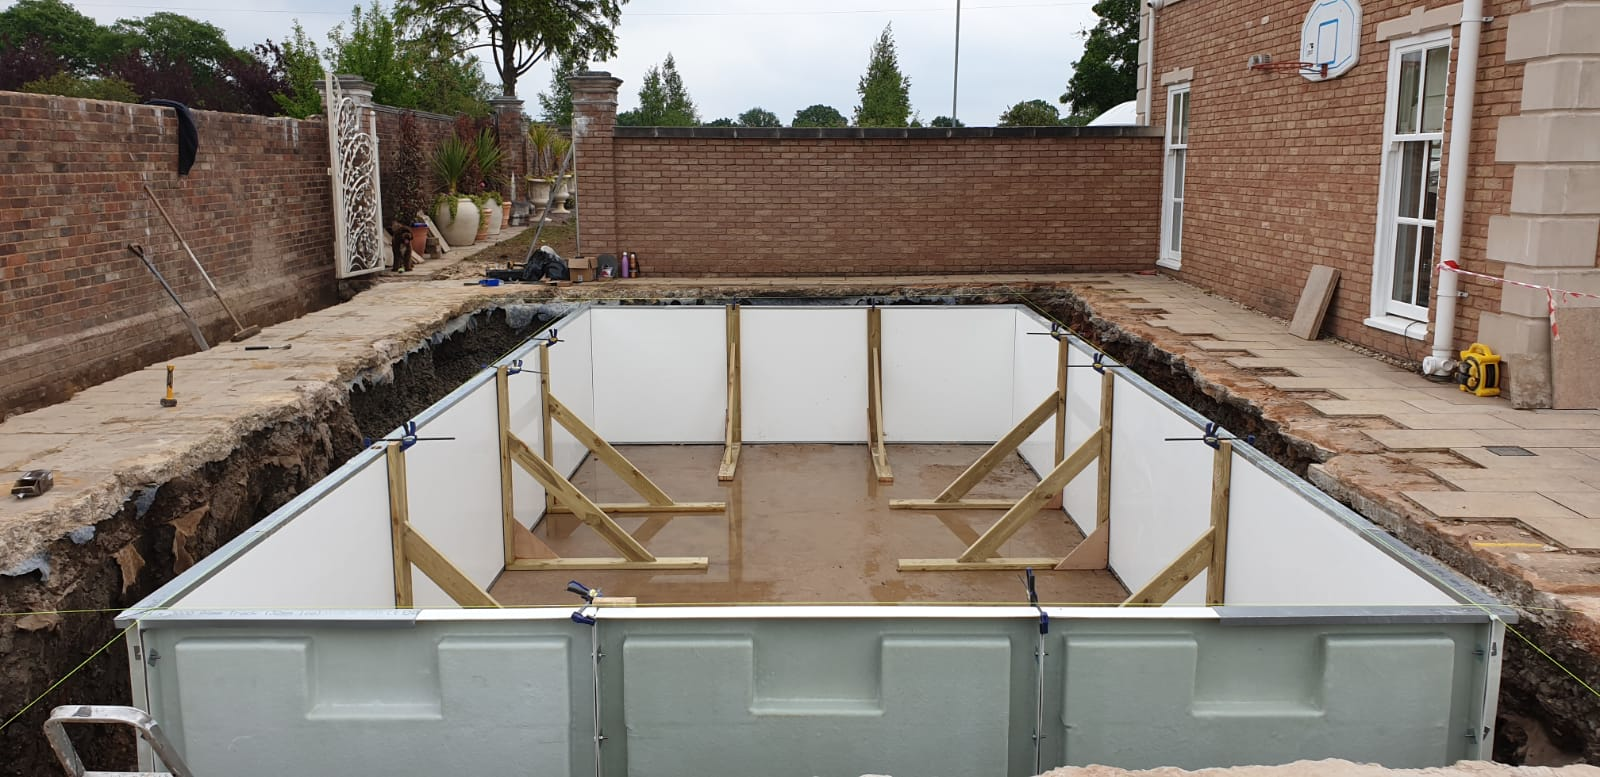 Heatform Panels In